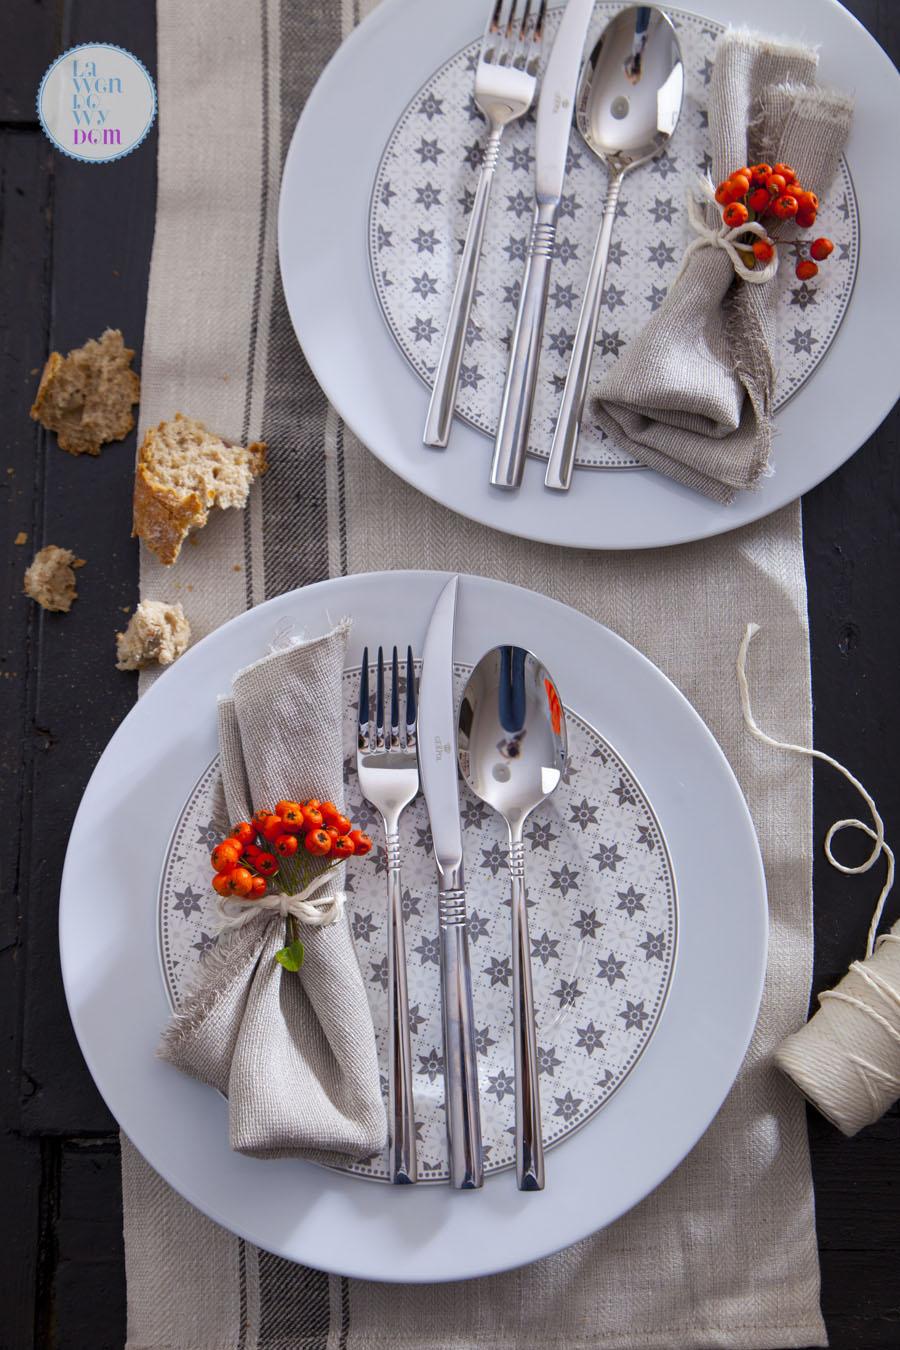 jesienny-stol-w-stylu-skandynawskim15